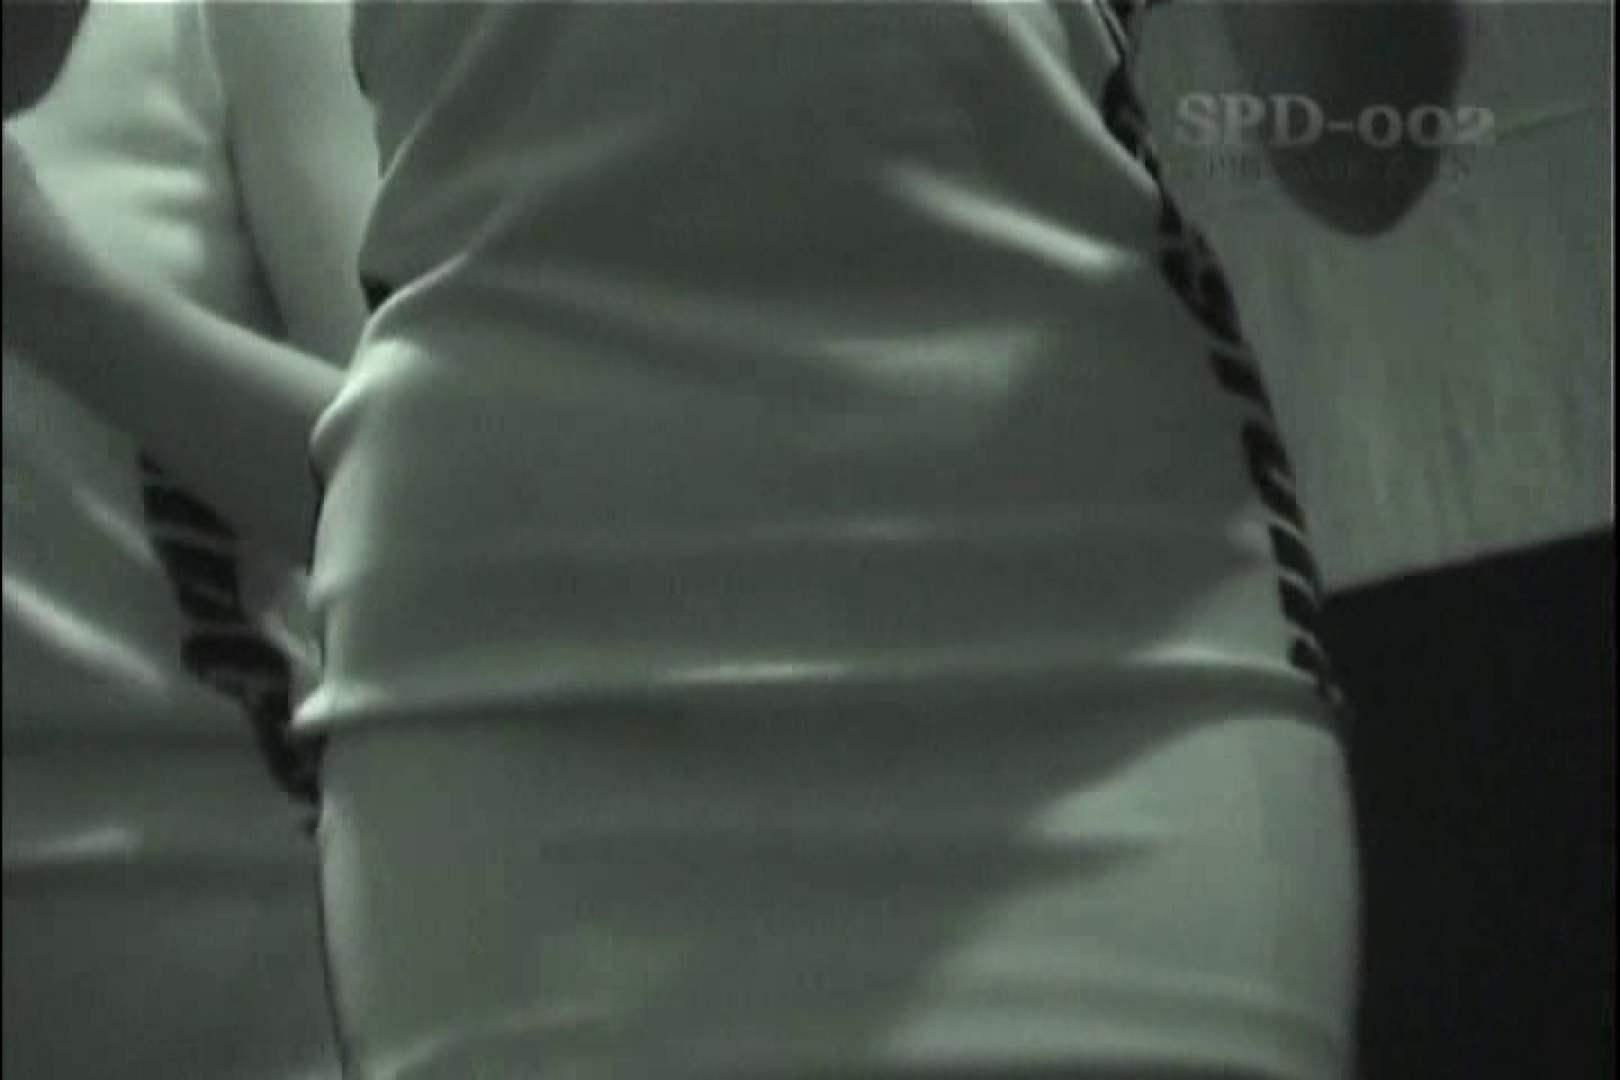 高画質版!SPD-002 レースクイーン 赤外線&盗撮 赤外線 AV動画キャプチャ 85PIX 61